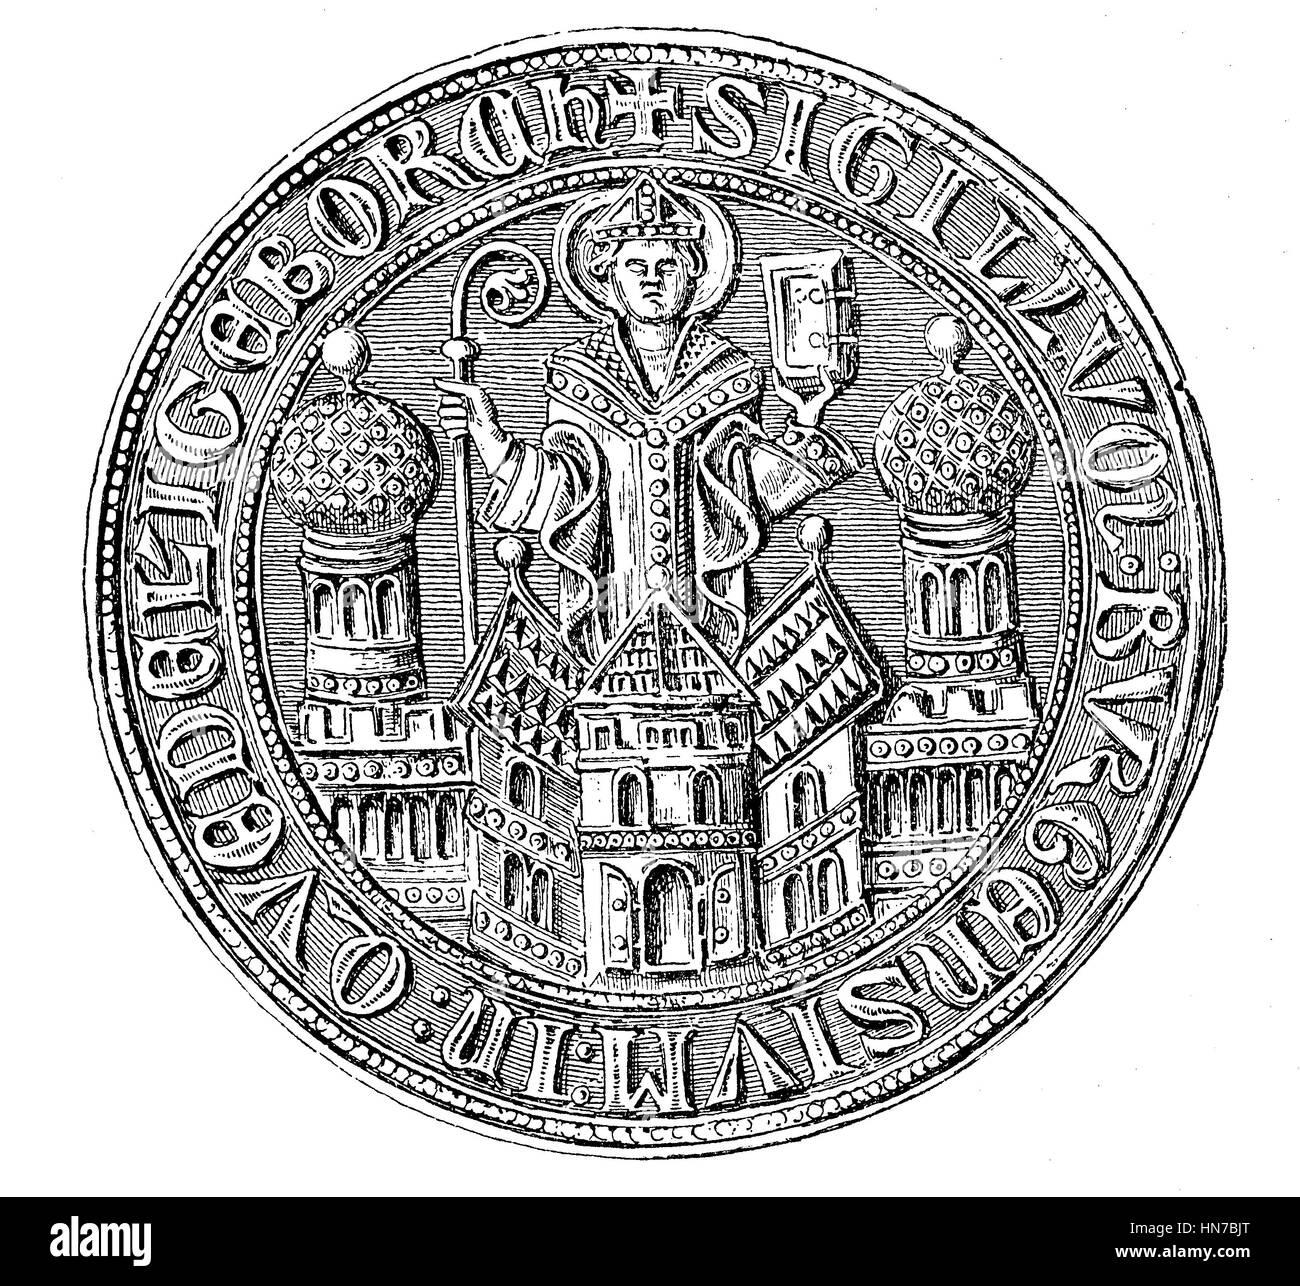 Mittelalterliche Stadt Siegel aus dem 13. bis 15. Jahrhundert hier Quedlinburg, Deutschland, Mittelalterliches Stadtsiegel Stockbild